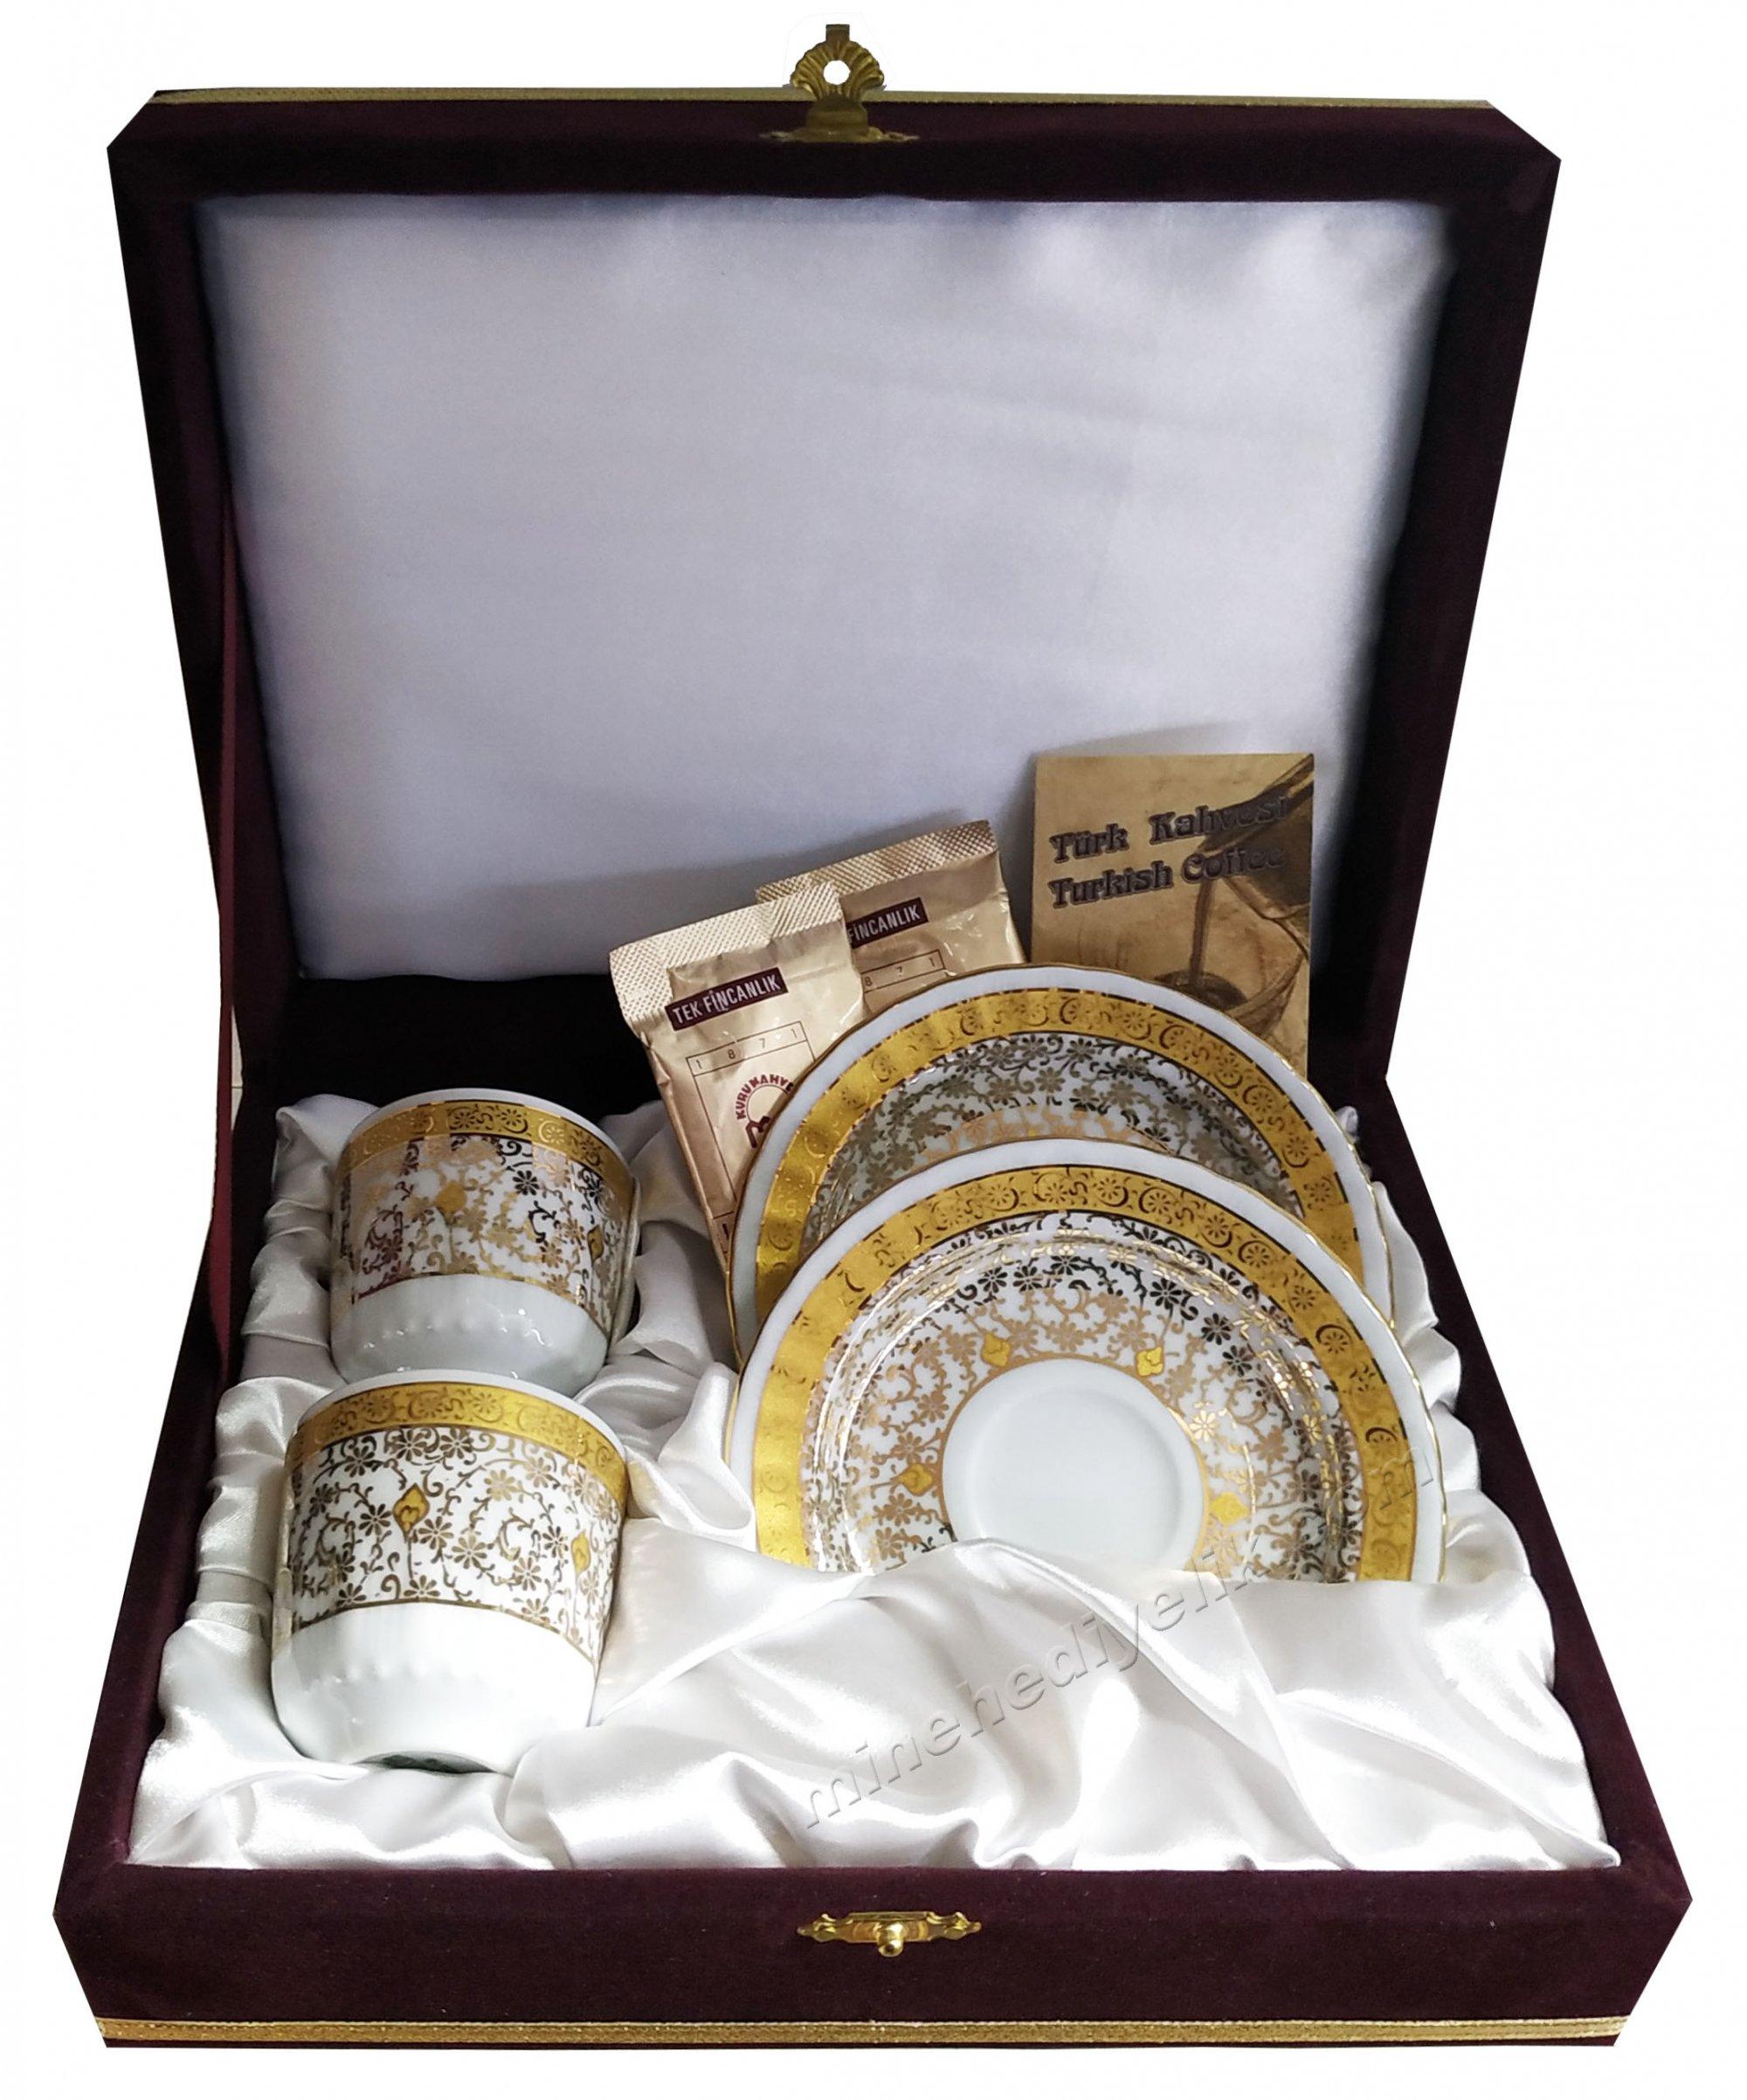 İki Kişilik Çiftli Kahve Fincan Setleri Özel Tasarım Kutularda Yeni Model Fincanlar Altın Haliç Desenli